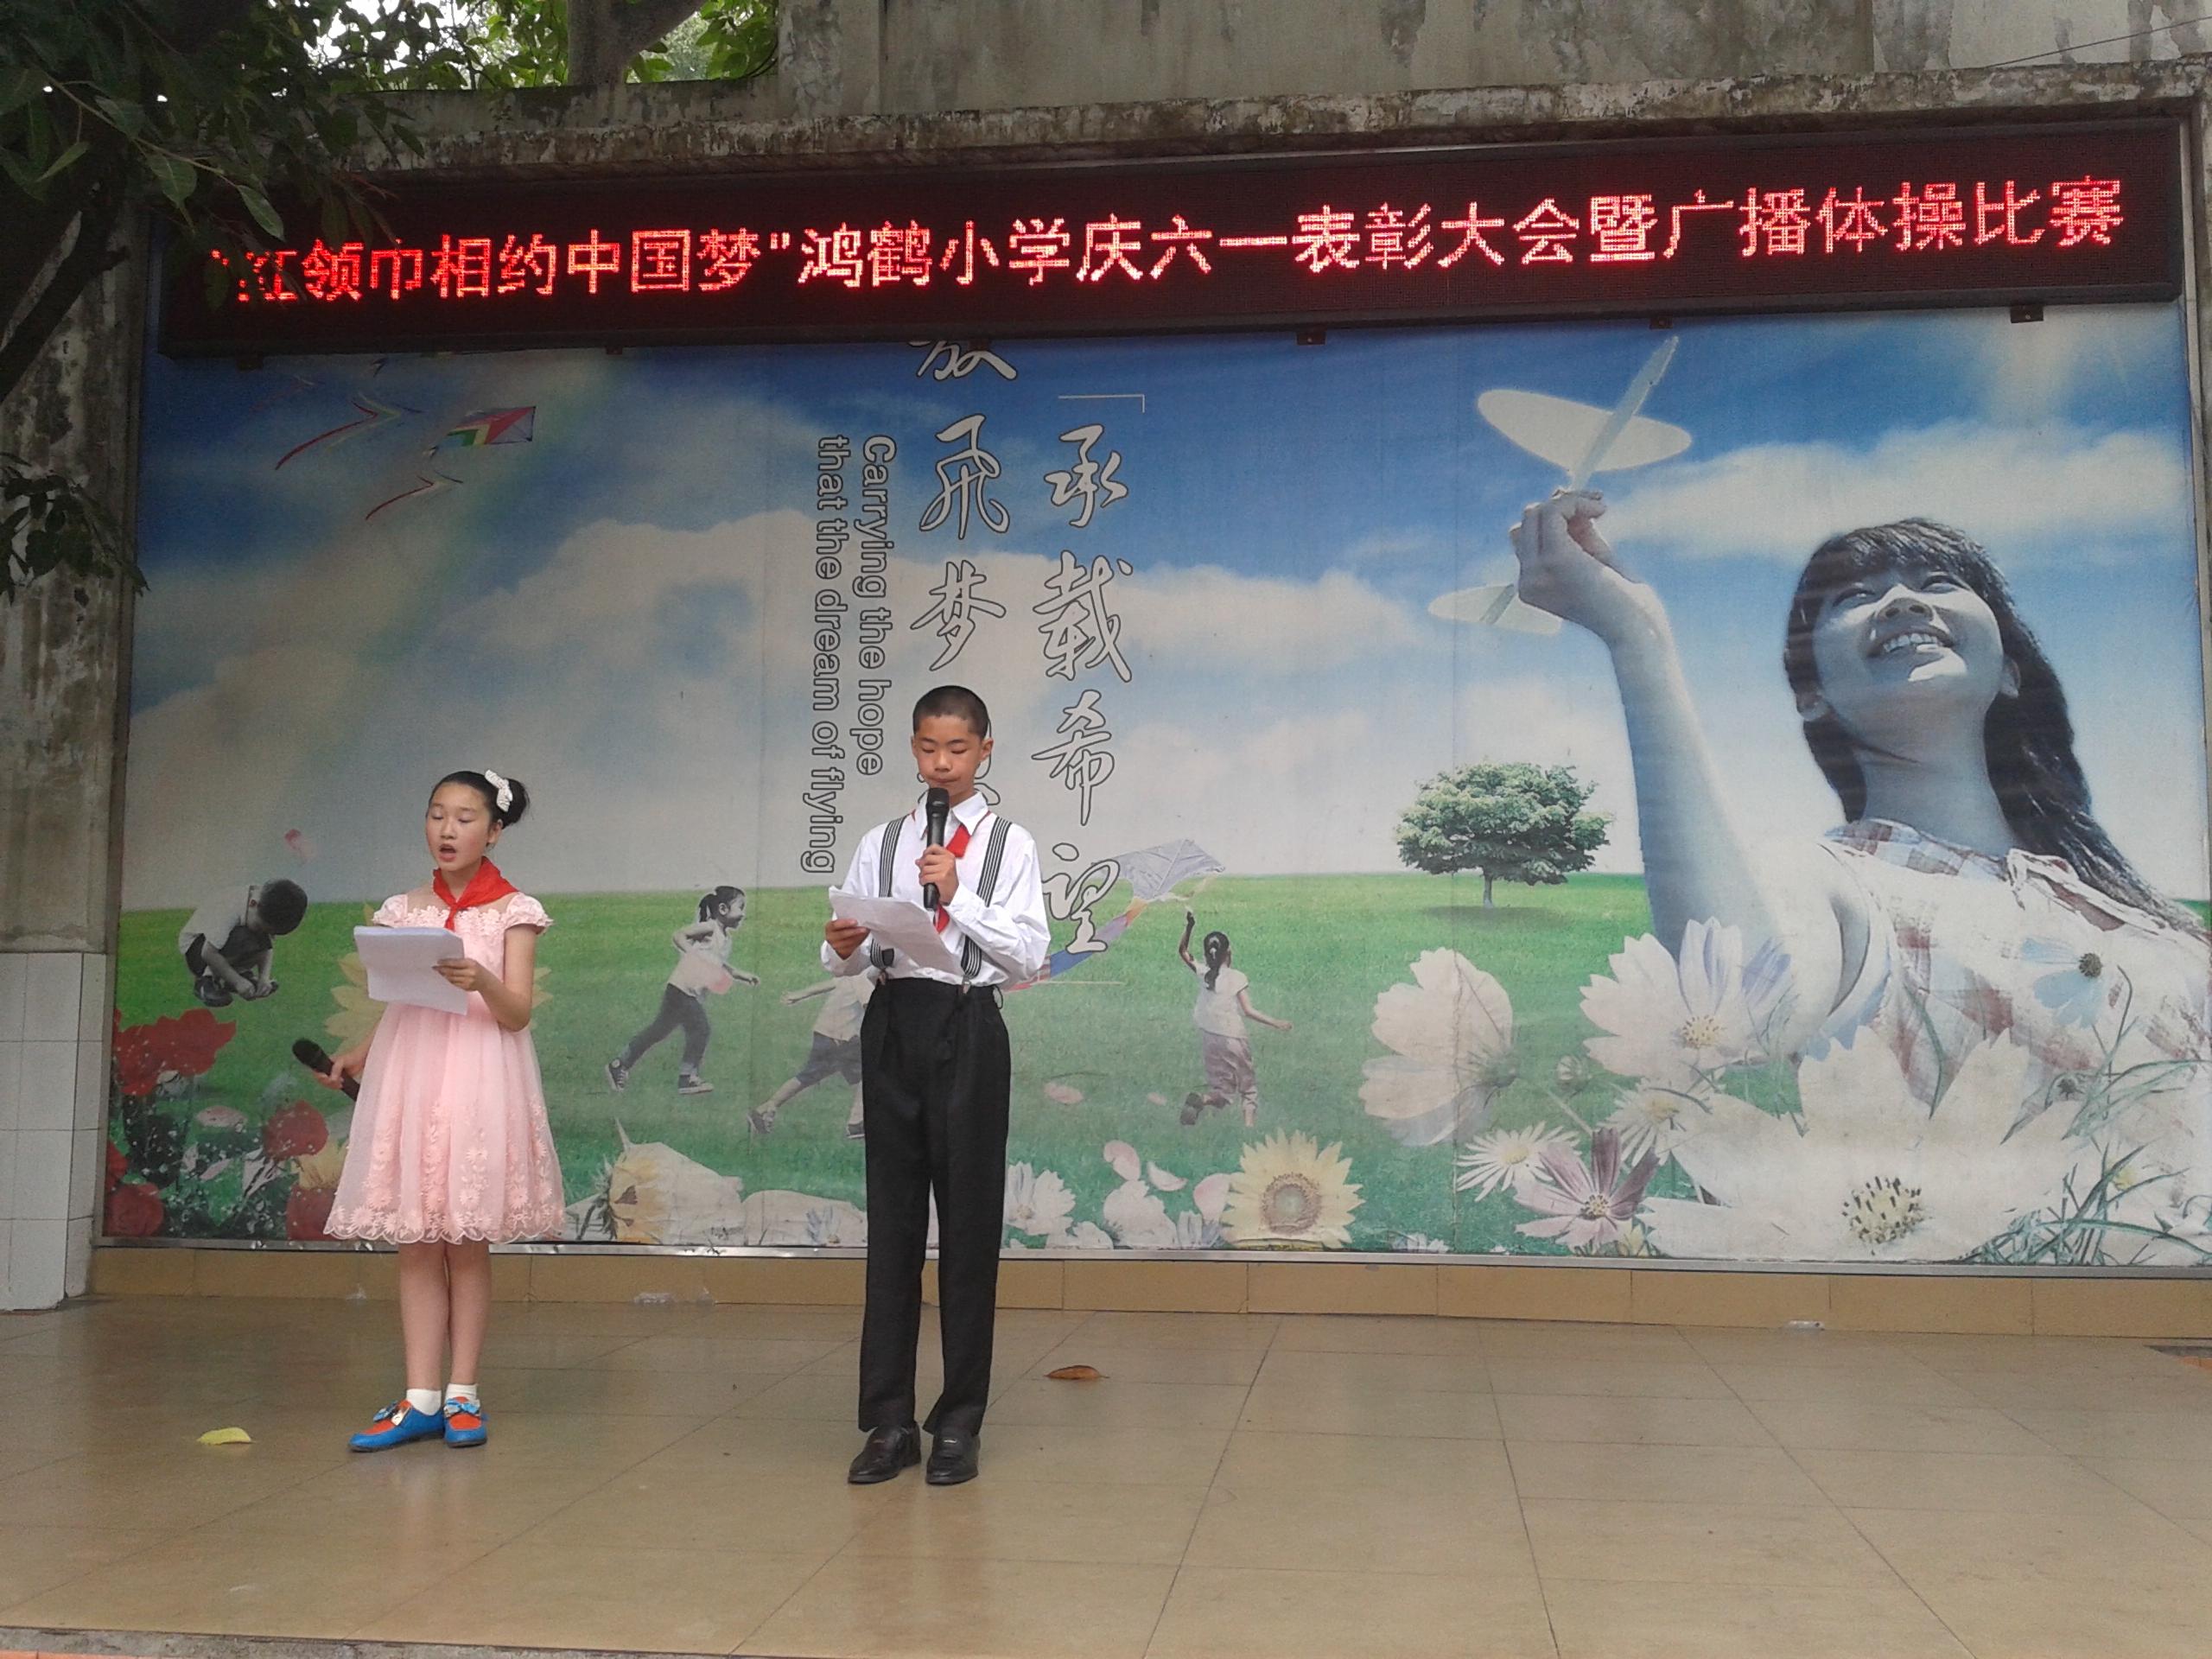 鸿鹤小学庆六一表彰大会暨广播体操比赛